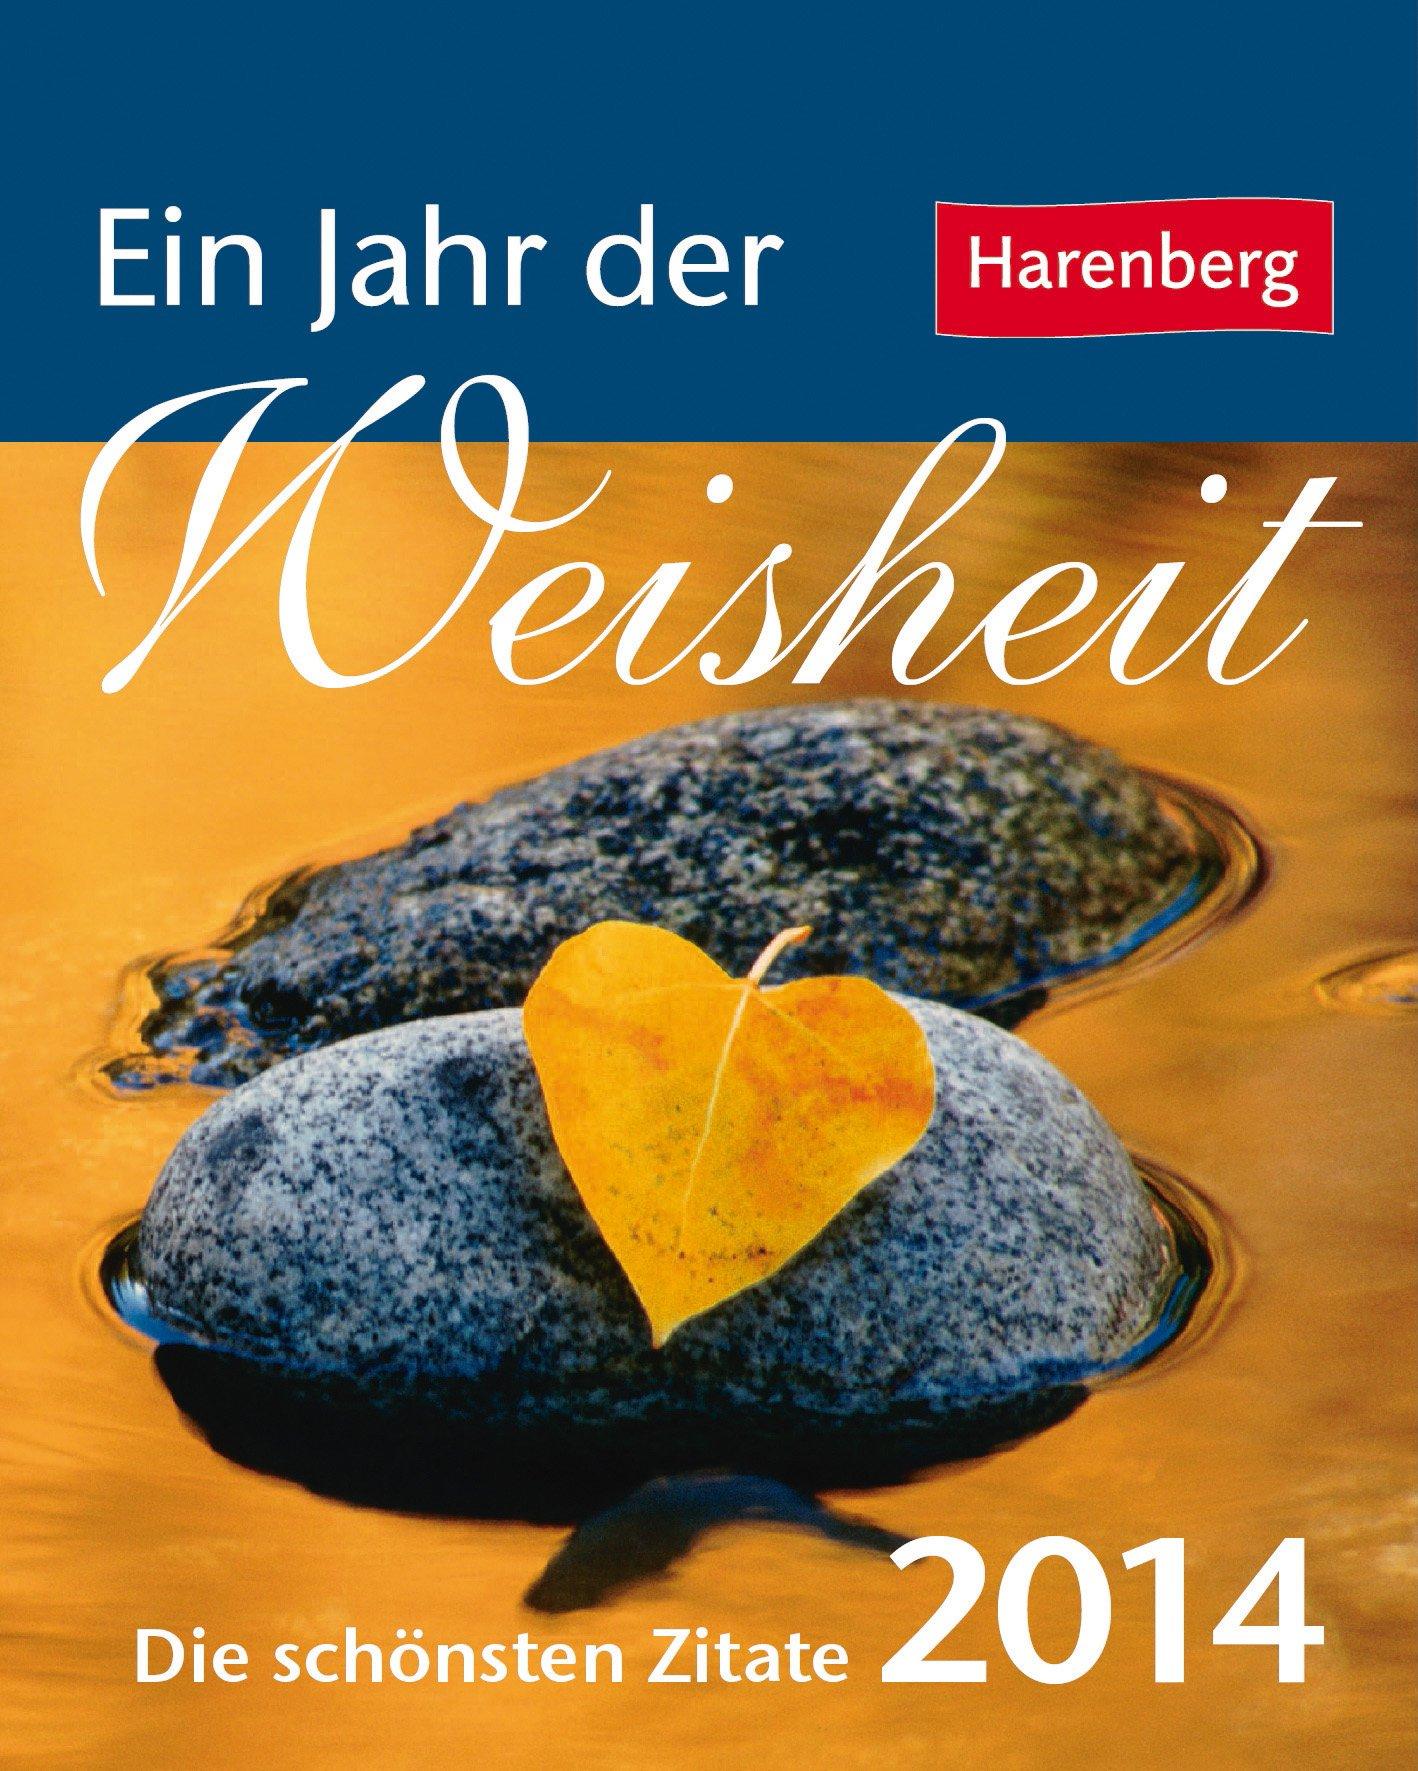 Ein Jahr der Weisheit 2014 Mini-Geschenkkalender: Die schönsten Zitate